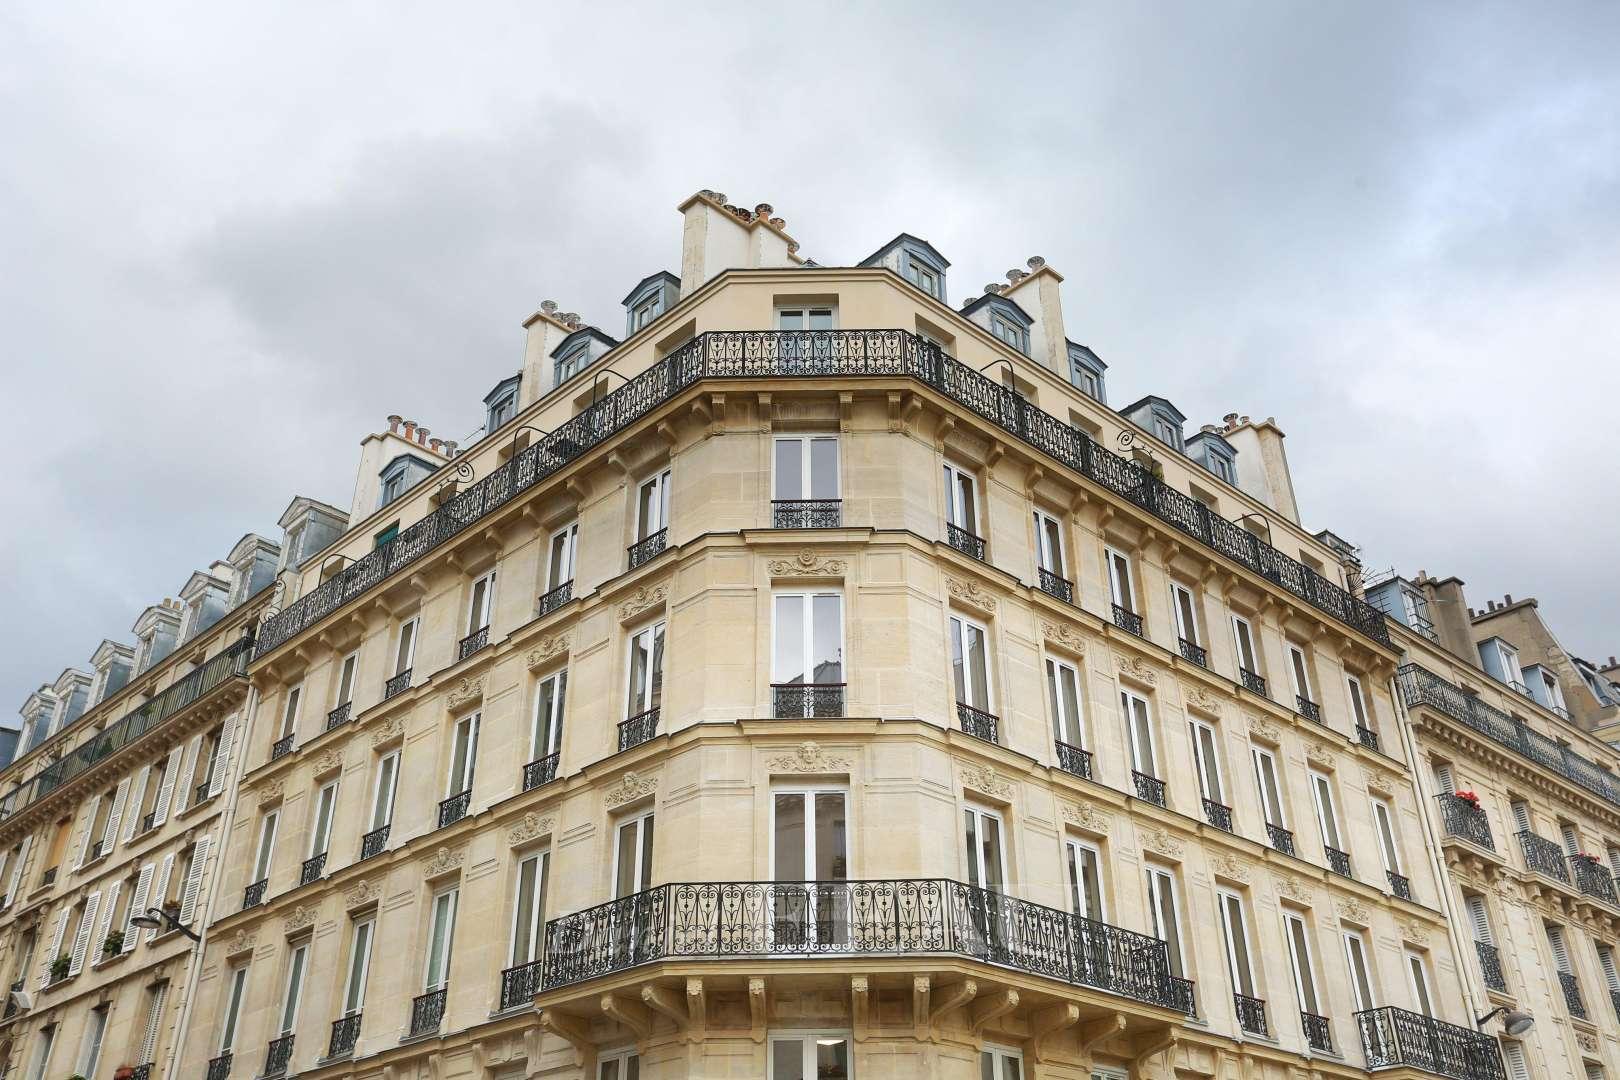 Façade de l'immeuble -  Cluny - La Sorbonne - Sectorisation Henri IV